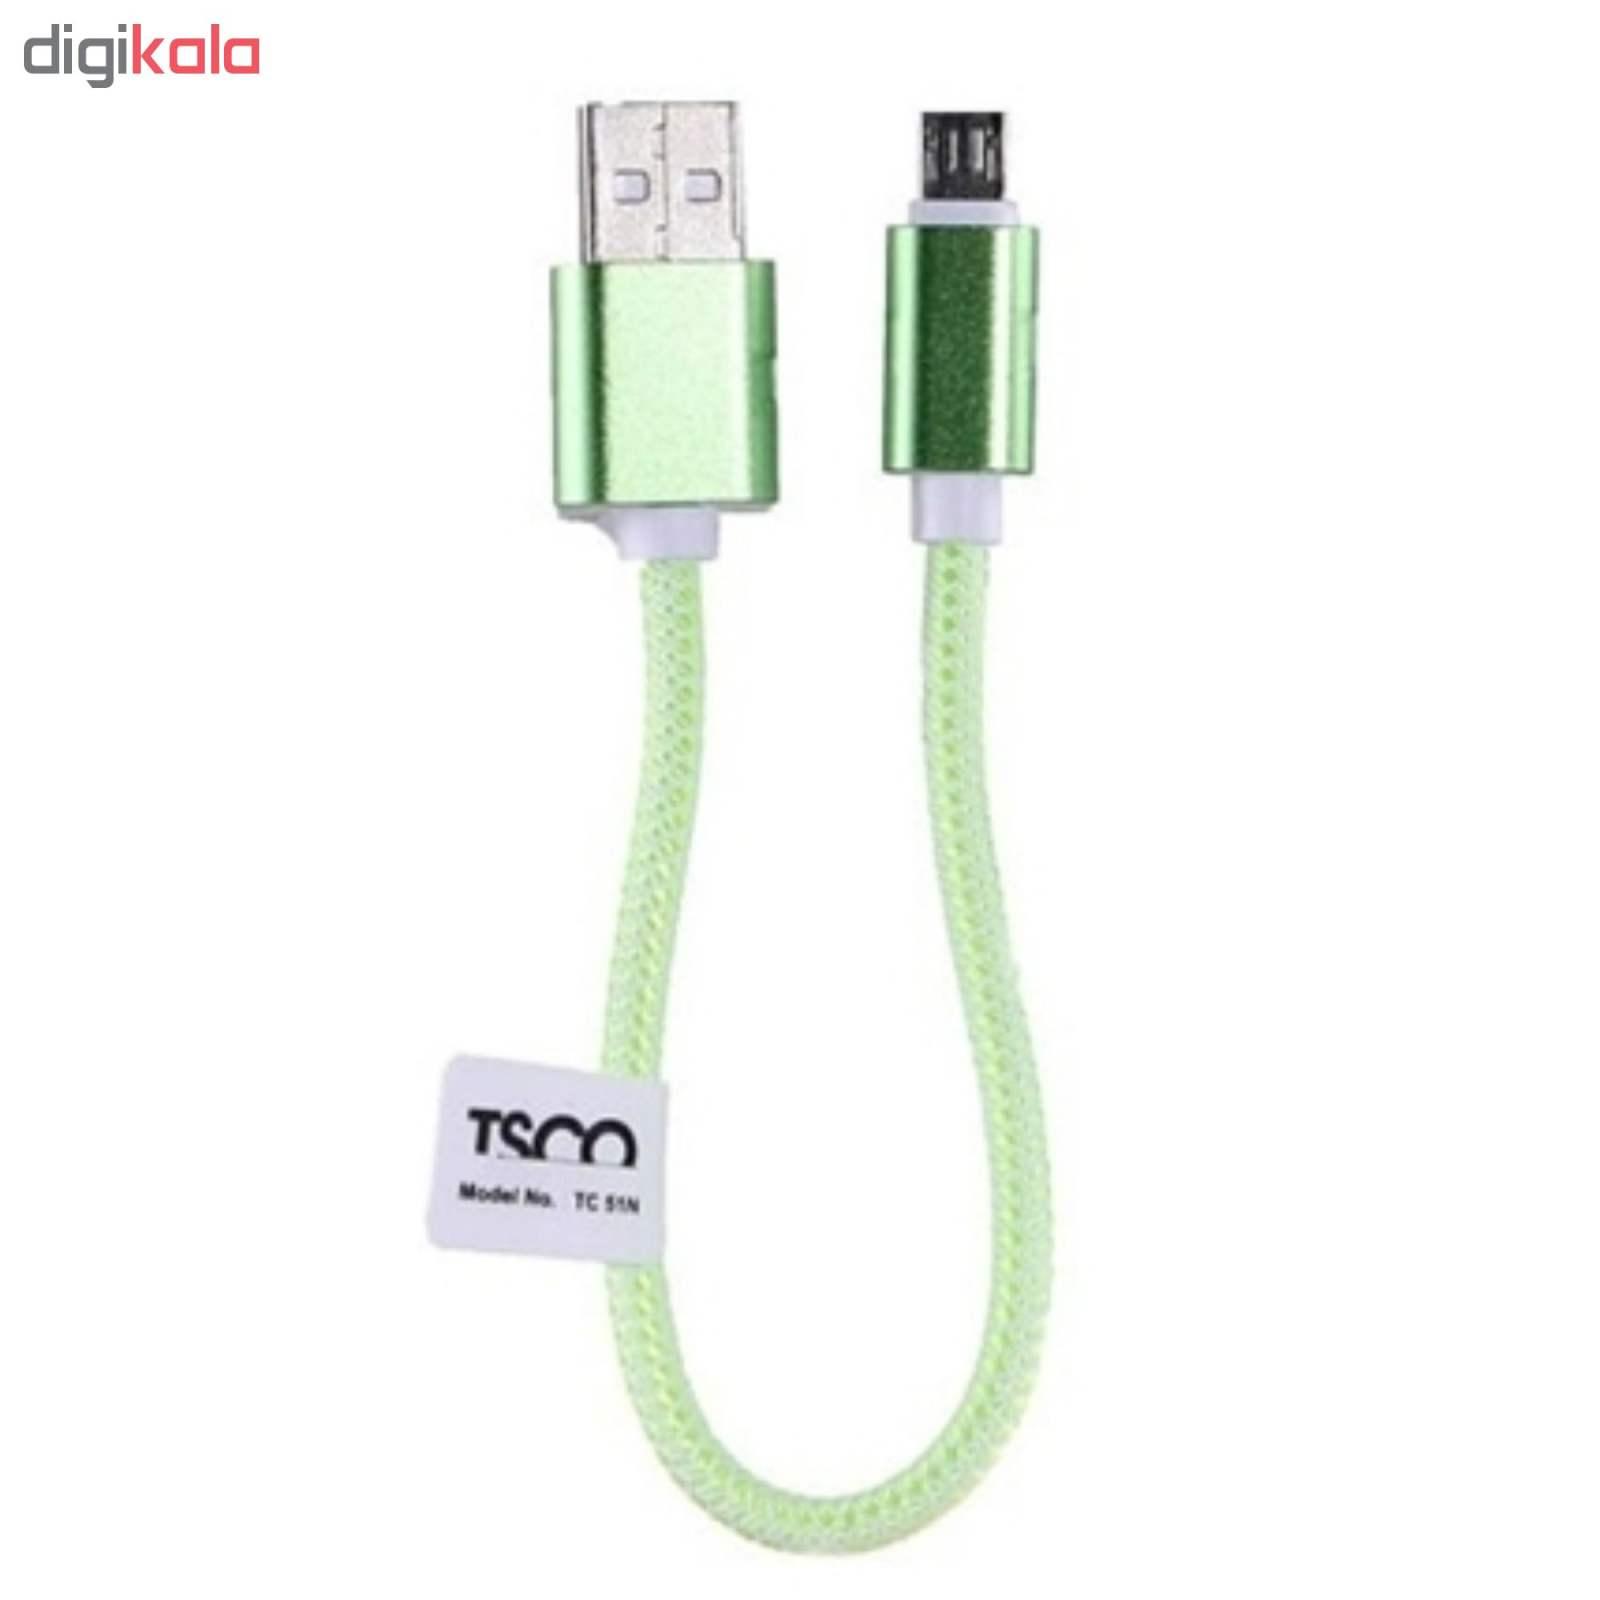 کابل تبدیل USB به microUSB تسکو مدل TC 51N طول 0.2 متر main 1 2